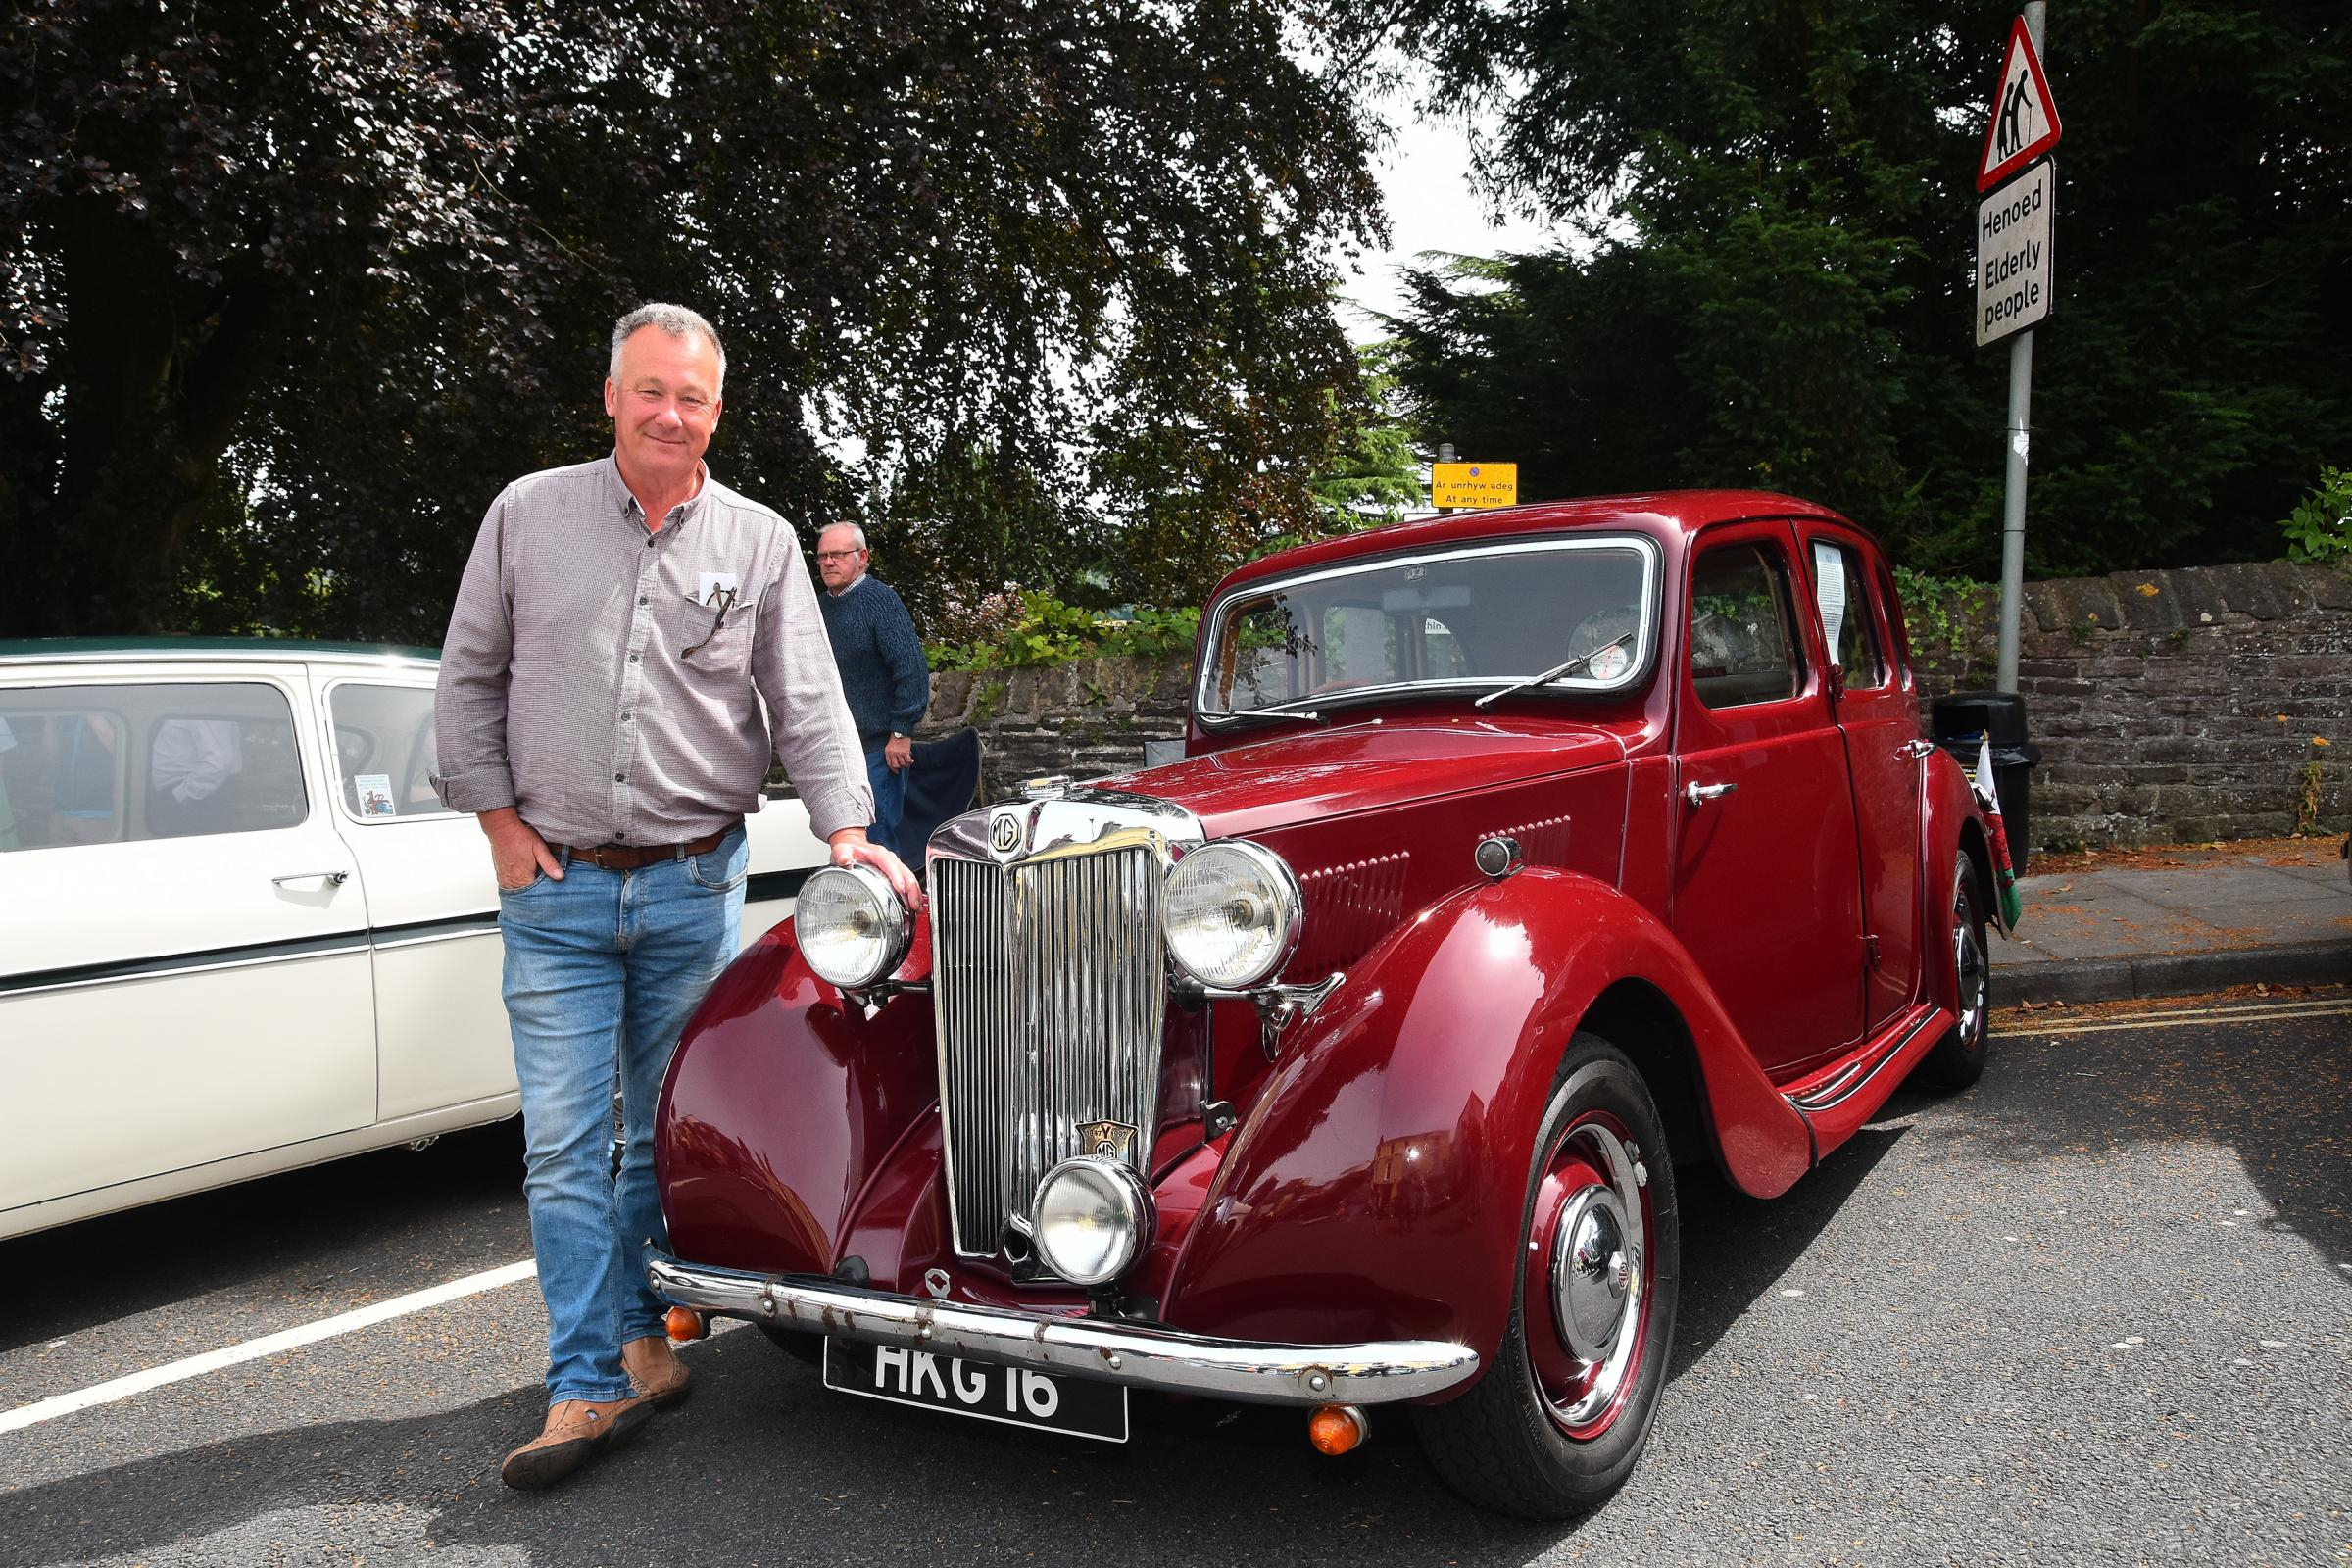 Llandeilo Classic Car Show makes debut